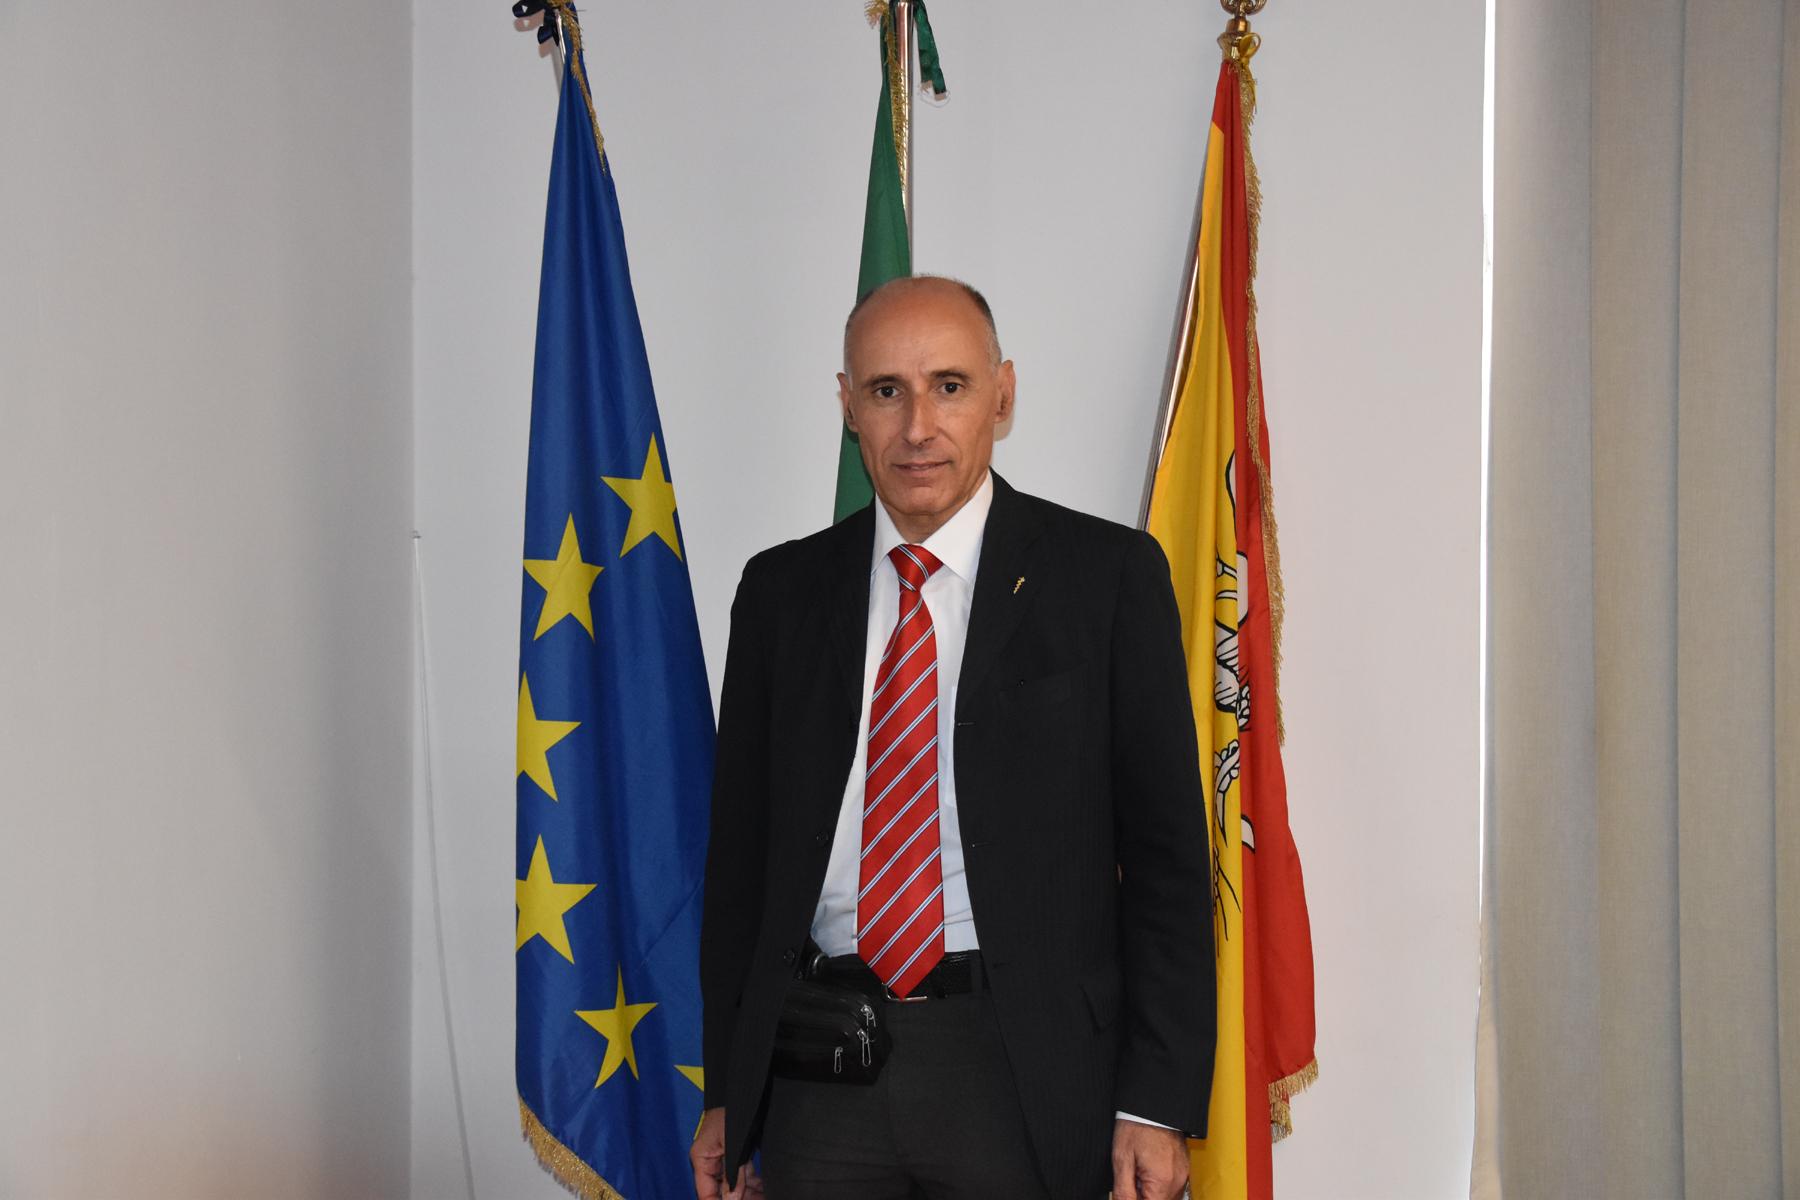 DIRETTORE GENERALE A COMMISSARIO NEL SEGNO DELLA CONTINUITA'